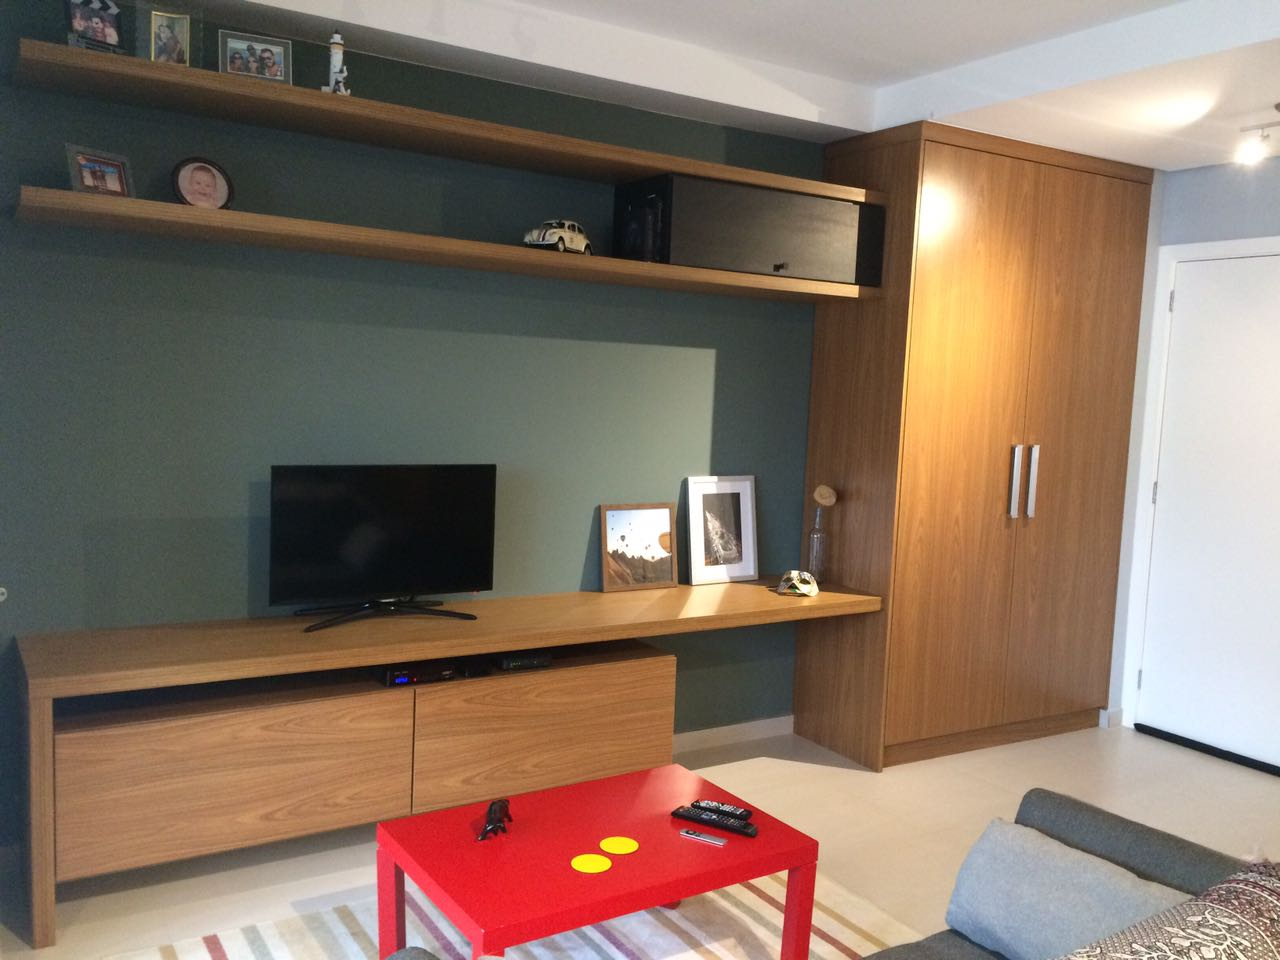 Melhores reformas para apartamentos pequenos blog da propriet riodiretoblog da propriet riodireto - Reformas de apartamentos ...